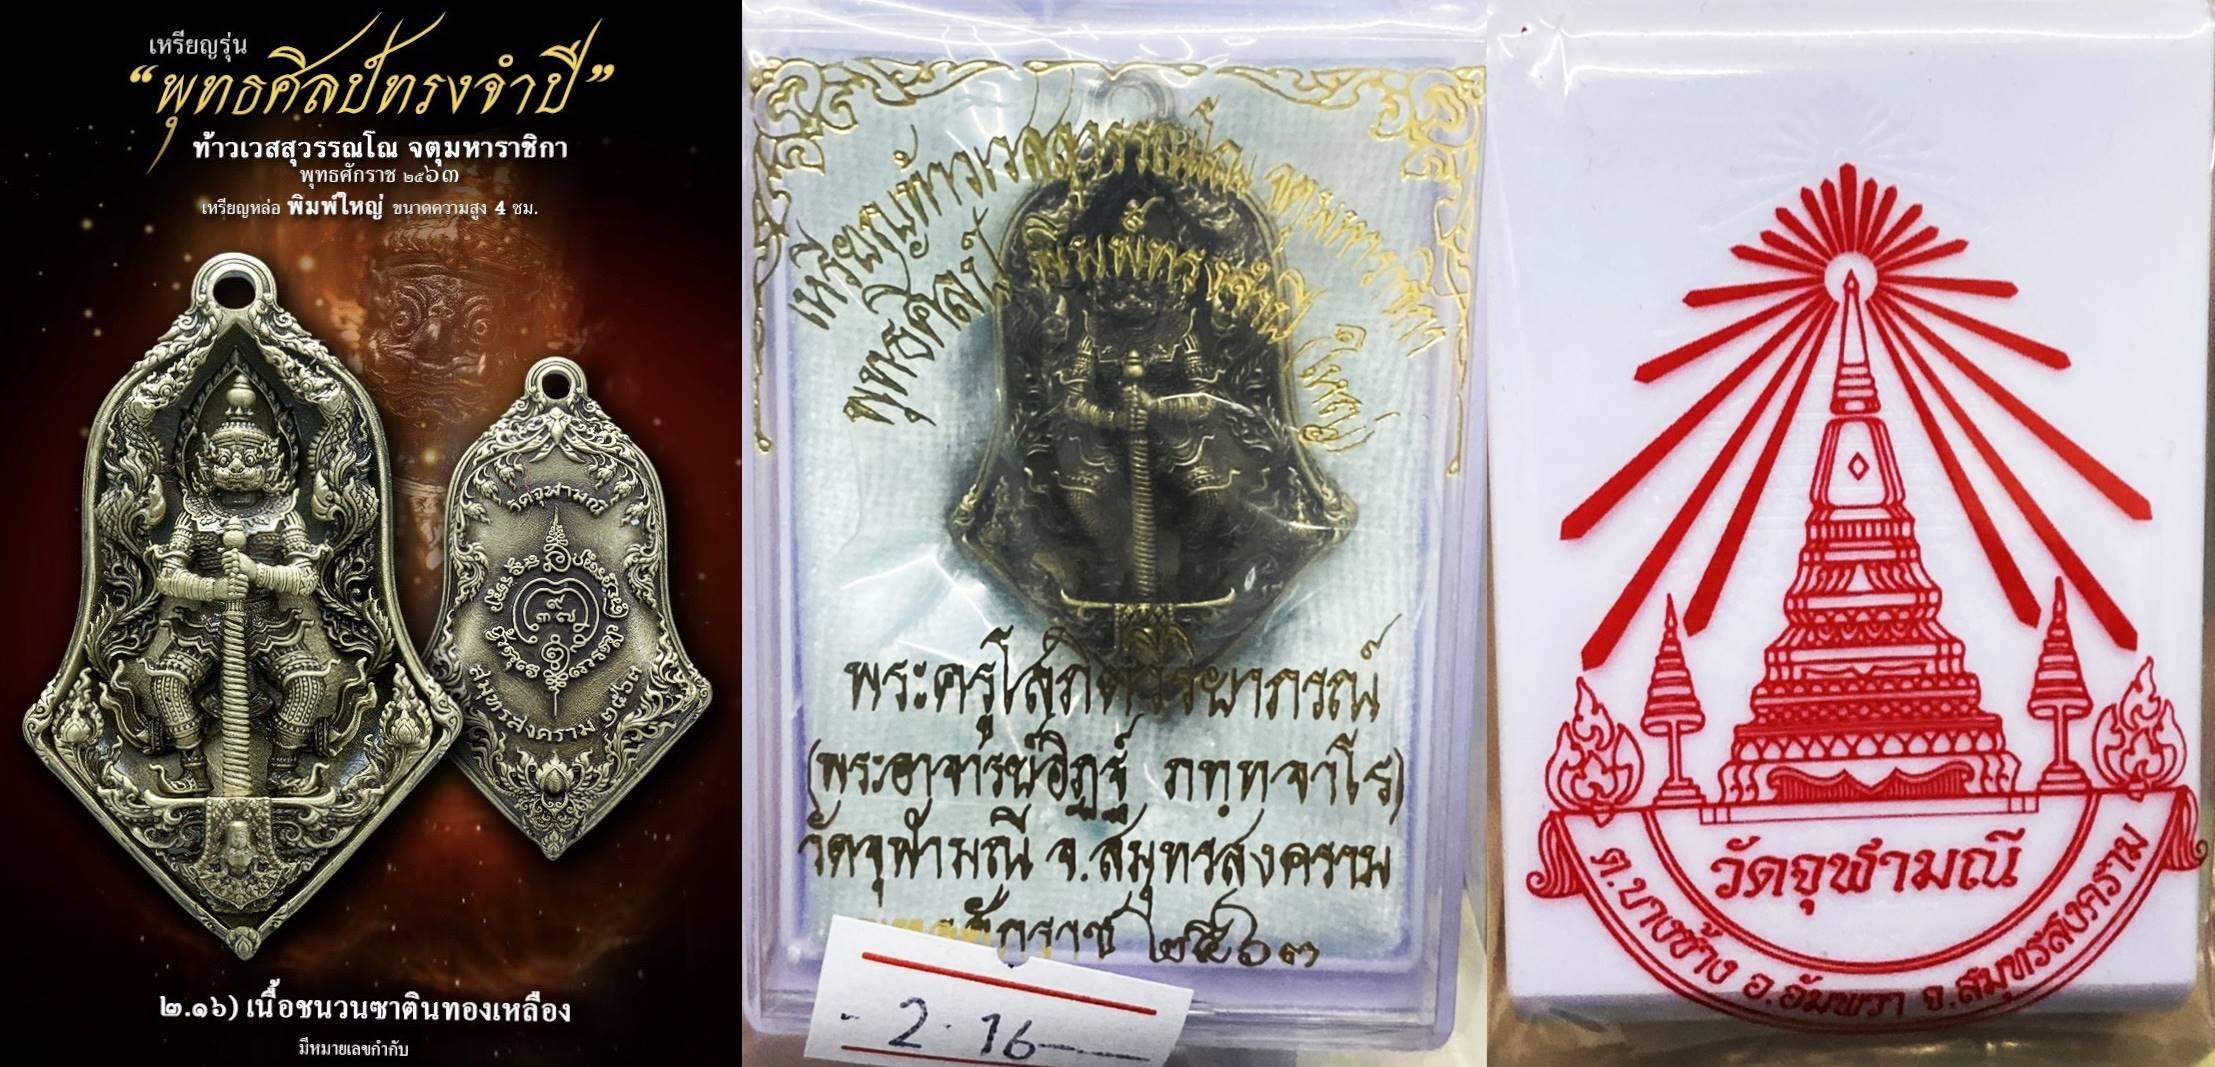 เหรียญหล่อท้าวเวสสุวรรณ รุ่นพุทธศิลป์ทรงจำปี เนื้อชนวนซาตินทองเหลือง หลวงพ่ออิฏฐ์ วัดจุฬามณี 2563